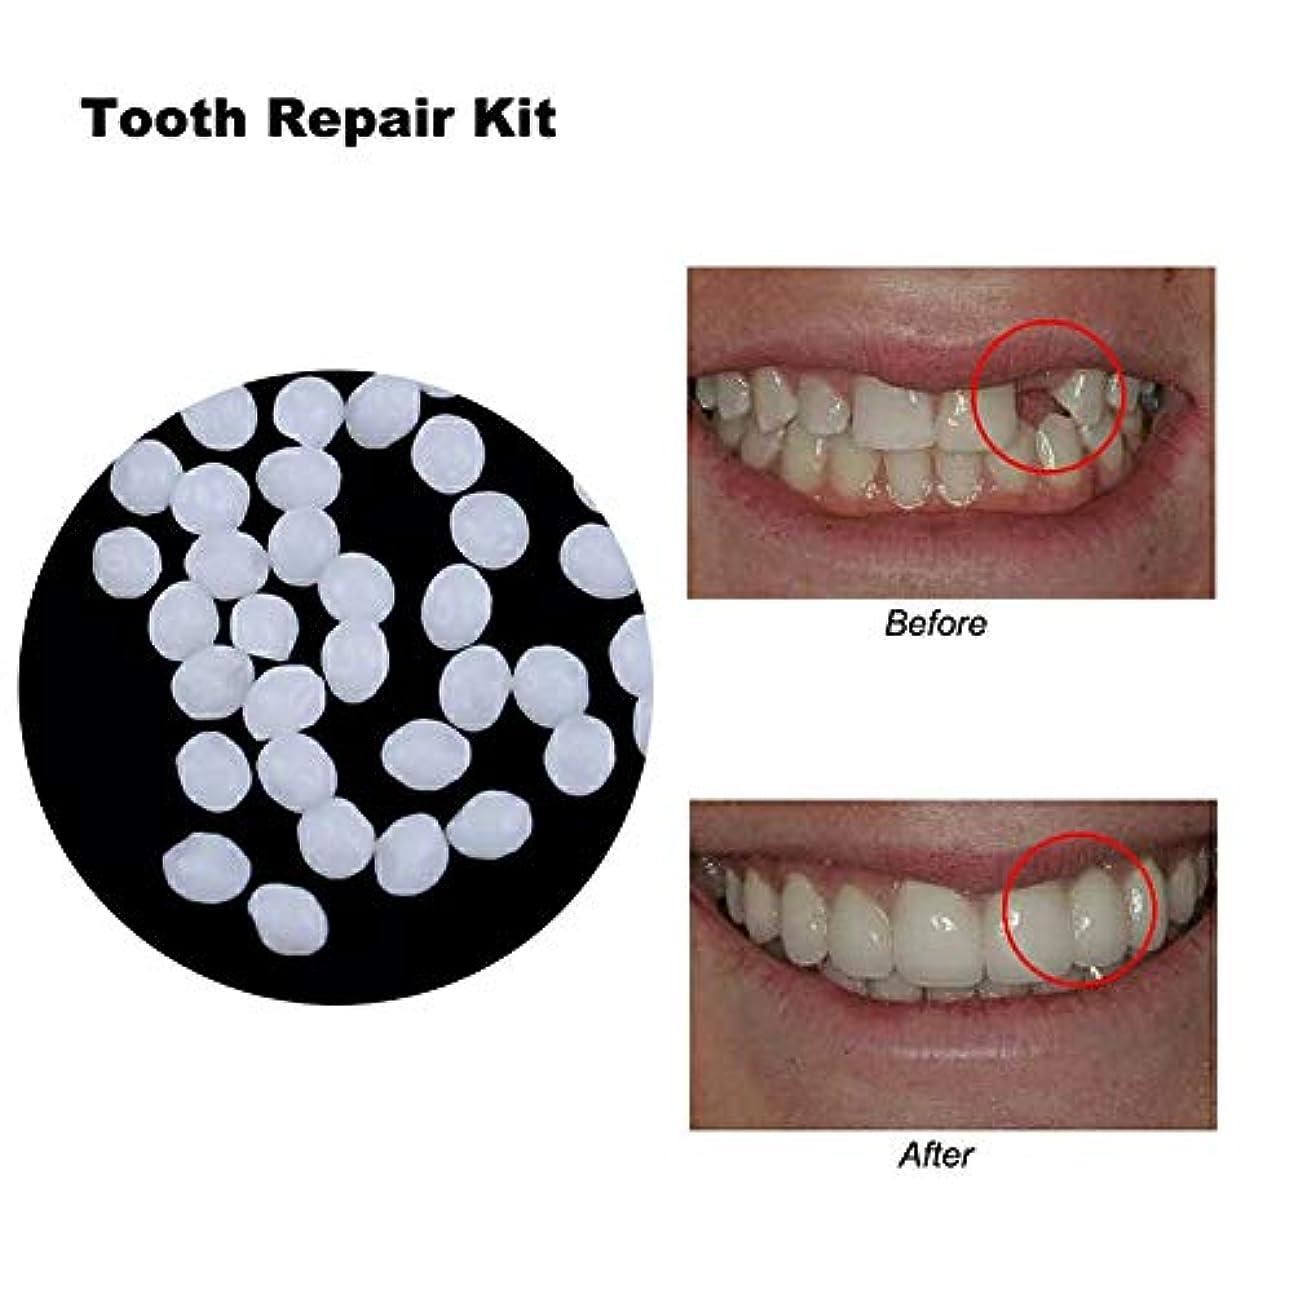 髄ビリースナッチ偽歯固体接着剤、樹脂の歯とギャップのための一時的な化粧品の歯の修復キットクリエイティブ義歯接着剤,20ml20g